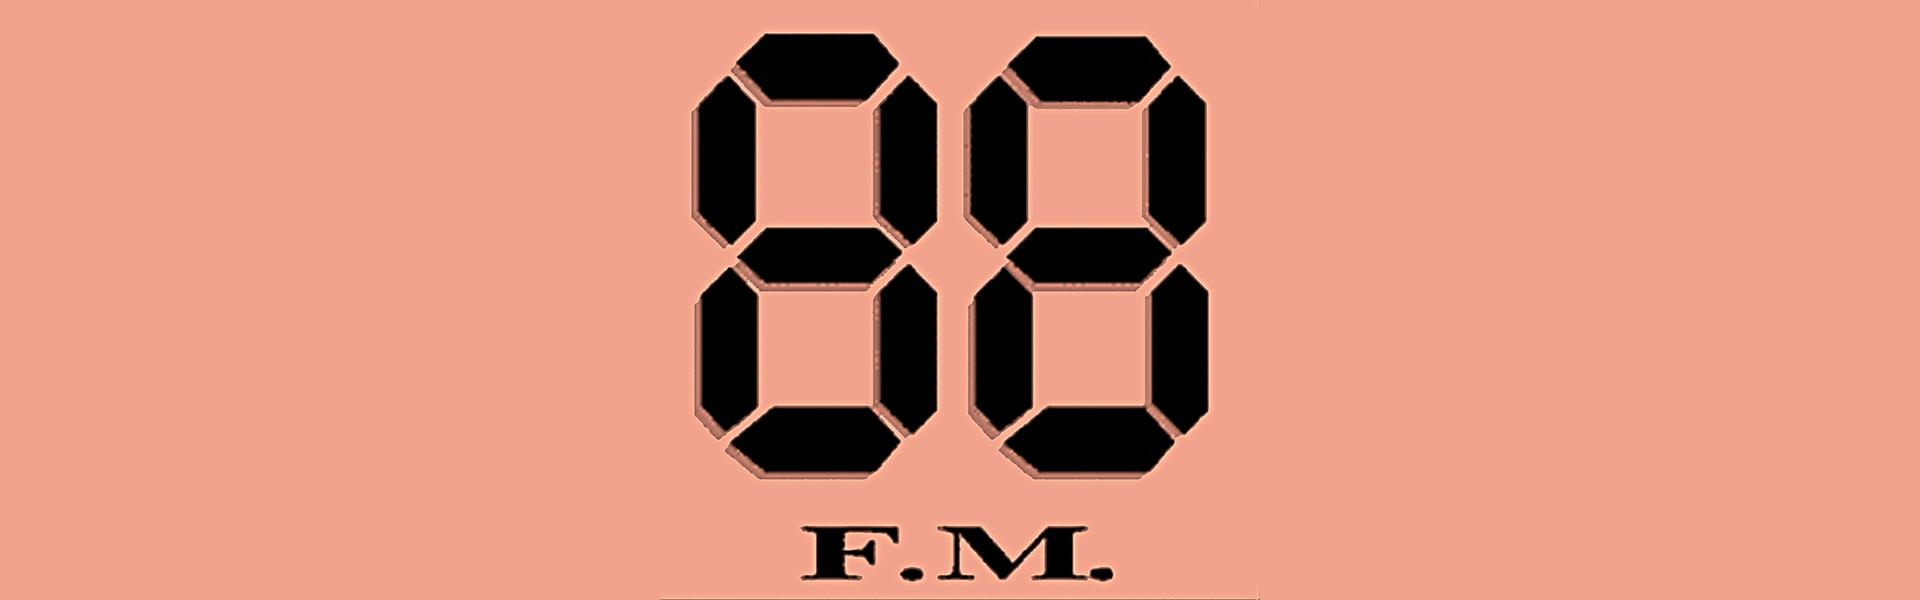 תחזירו לנו את 88FM!